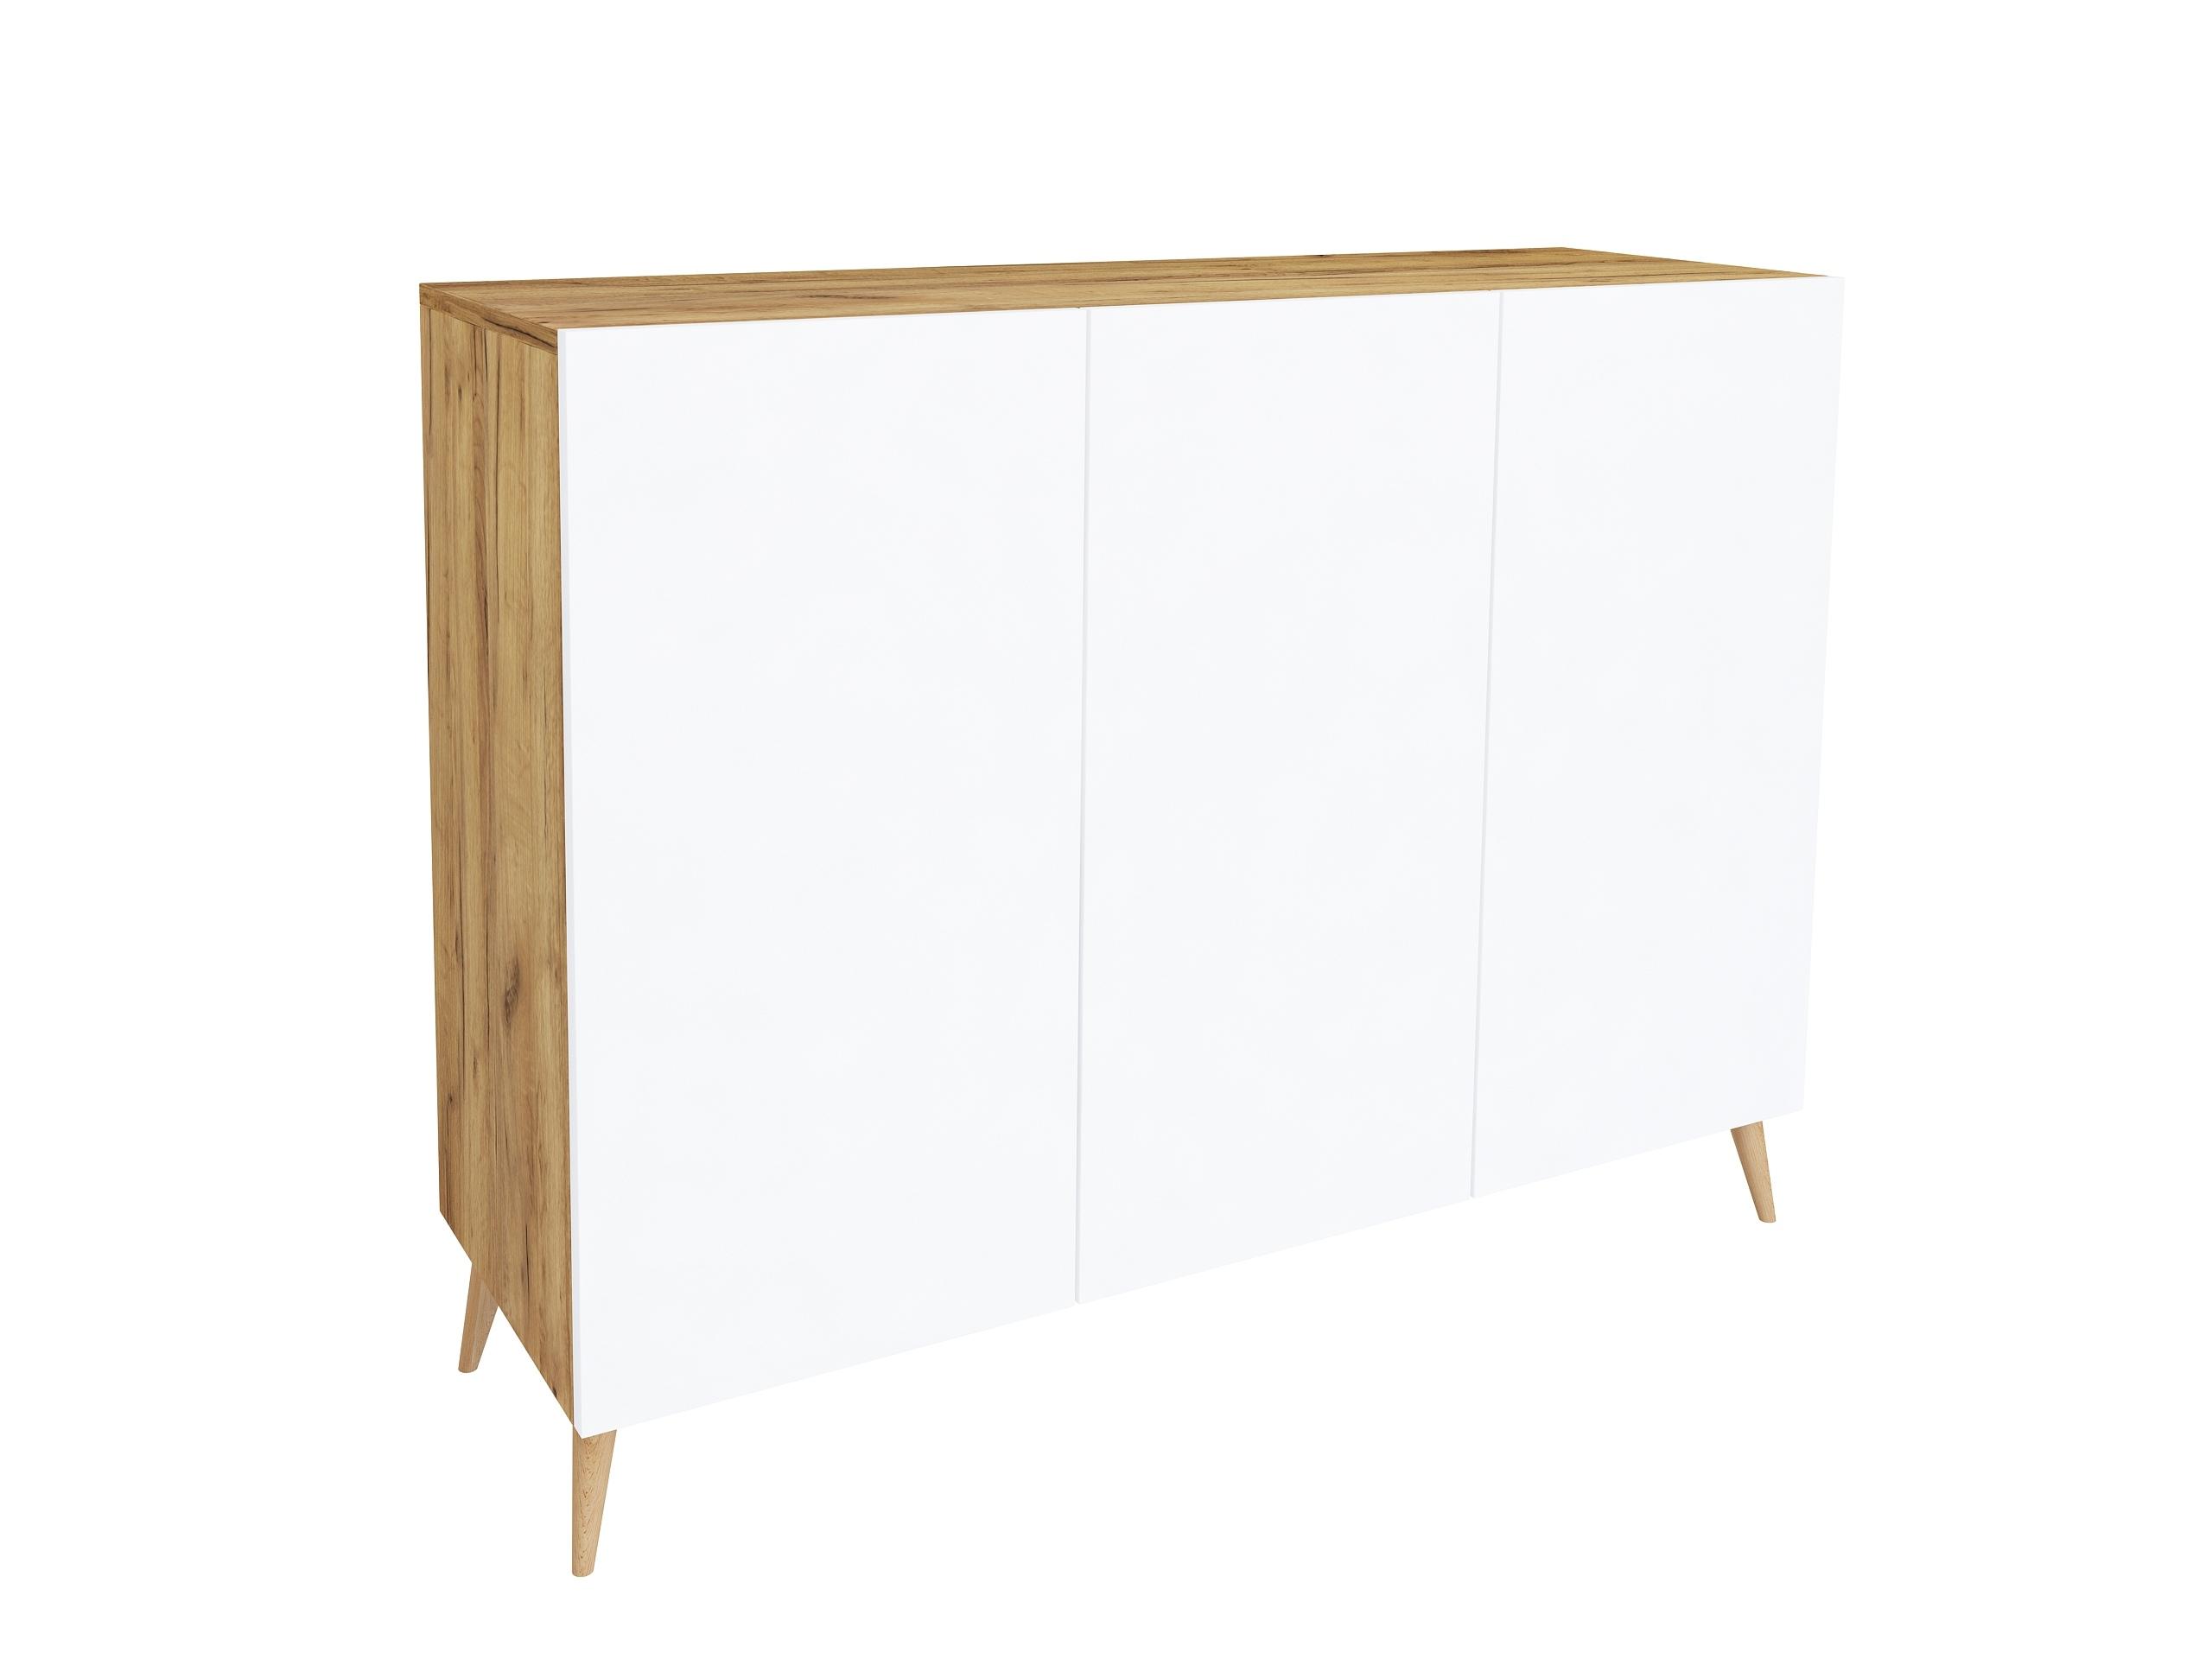 dąb craft, dąb złoty, biały mat, drewniane nogi, komoda w kolorze drewna, wisząca komoda, stojąca szafka